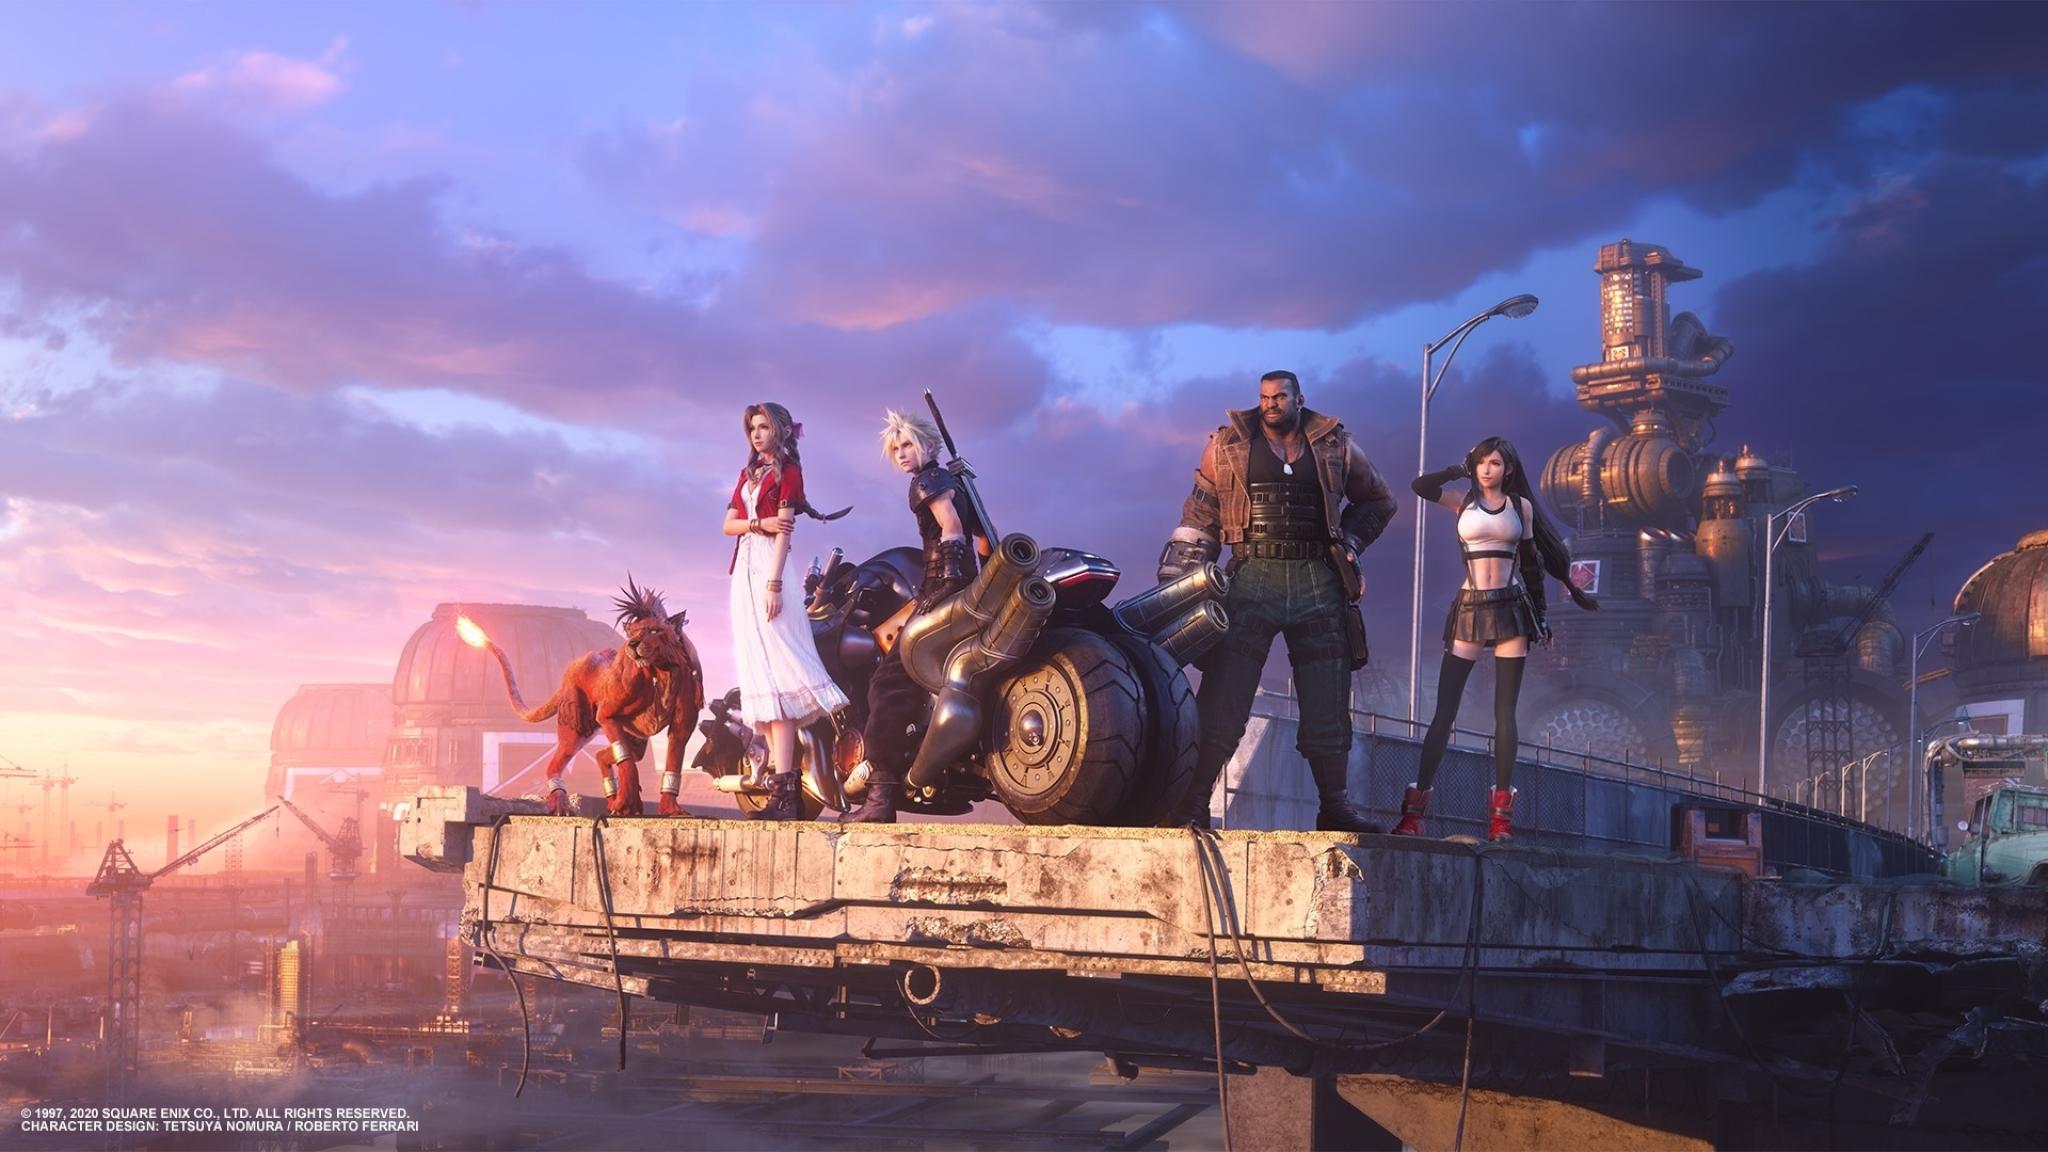 2048x1152 Final Fantasy 7 Remake Team 2048x1152 Resolution ...